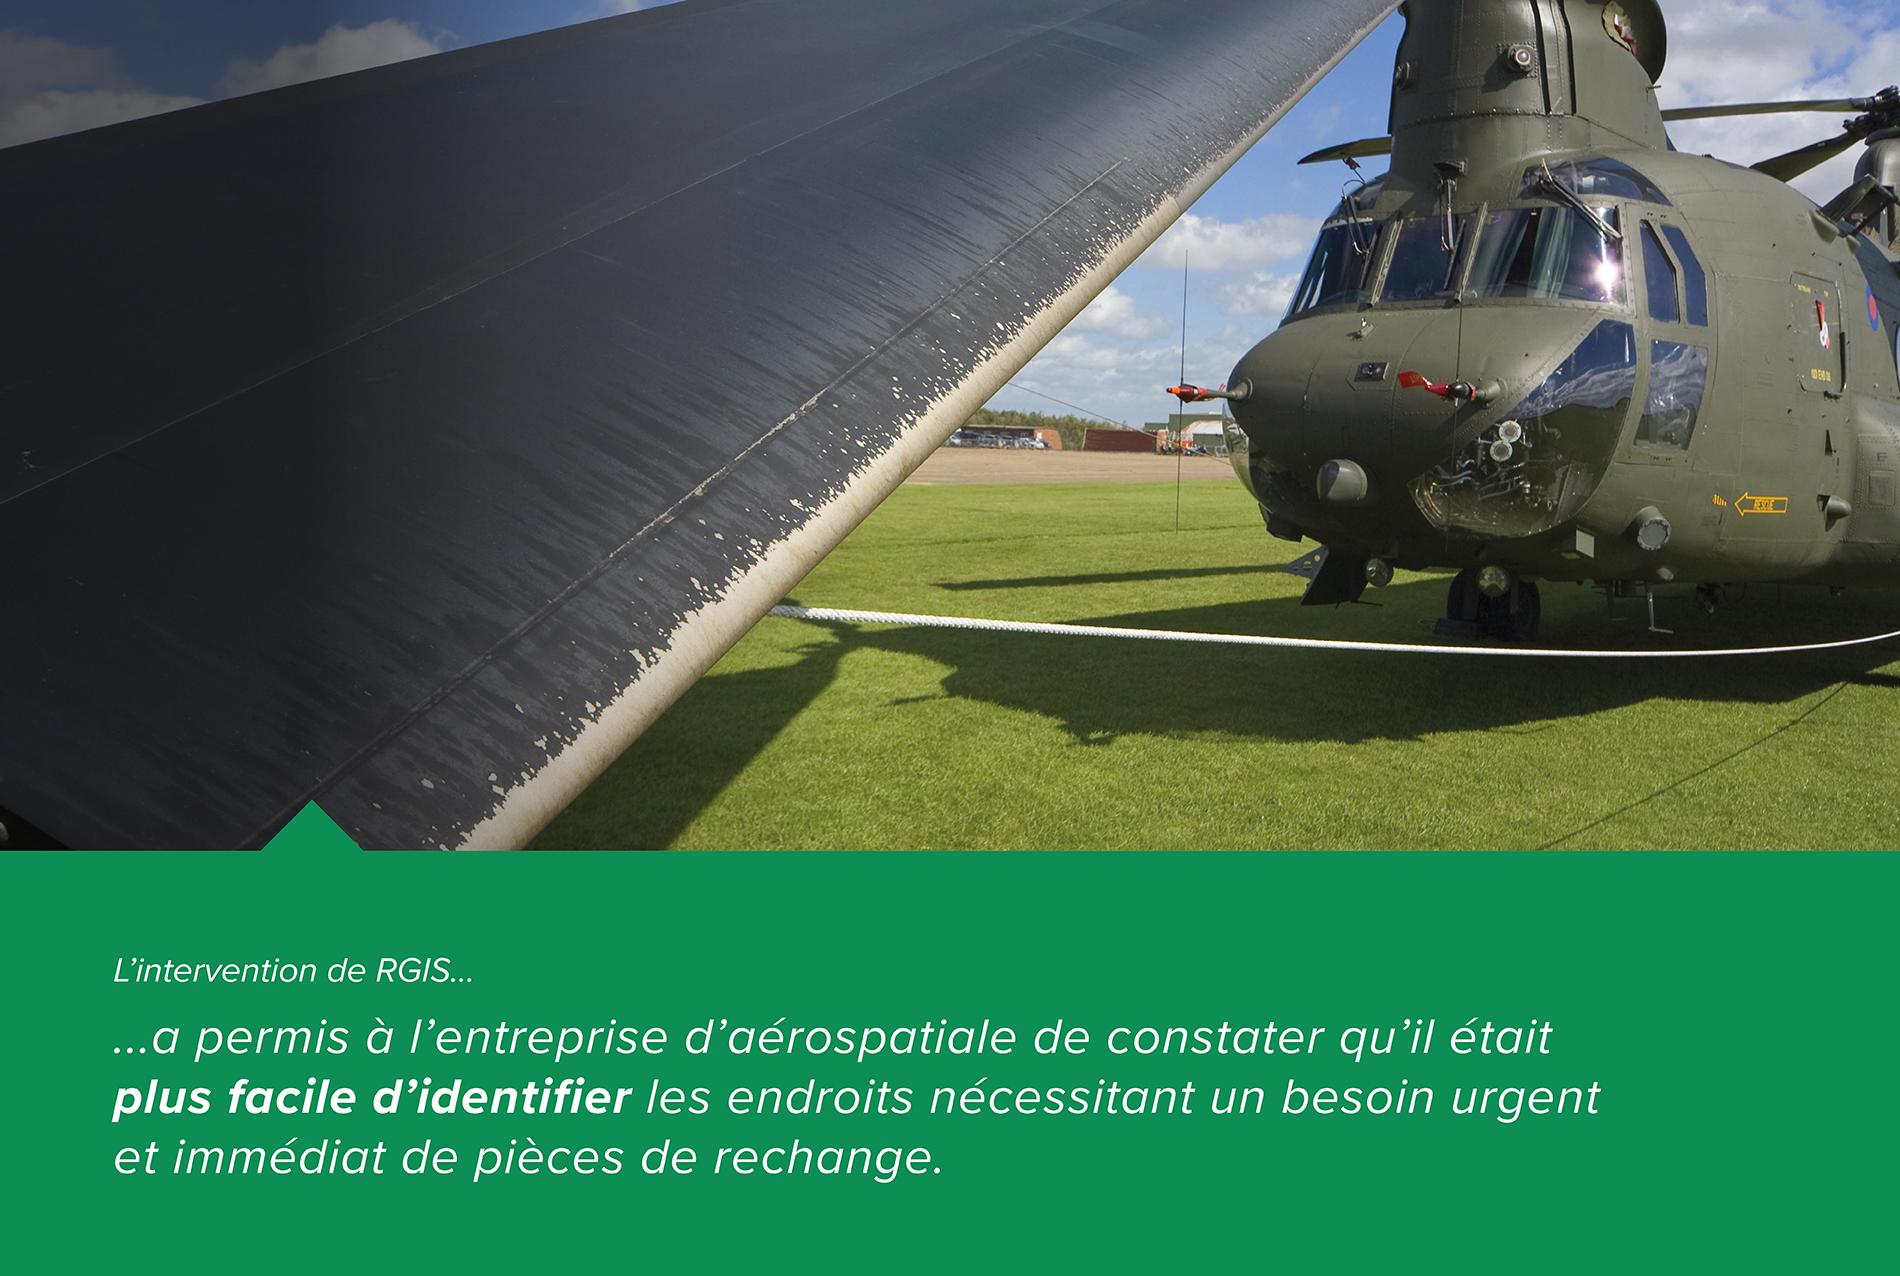 Étude de cas RGIS Inventaire des pièces aérospatiales